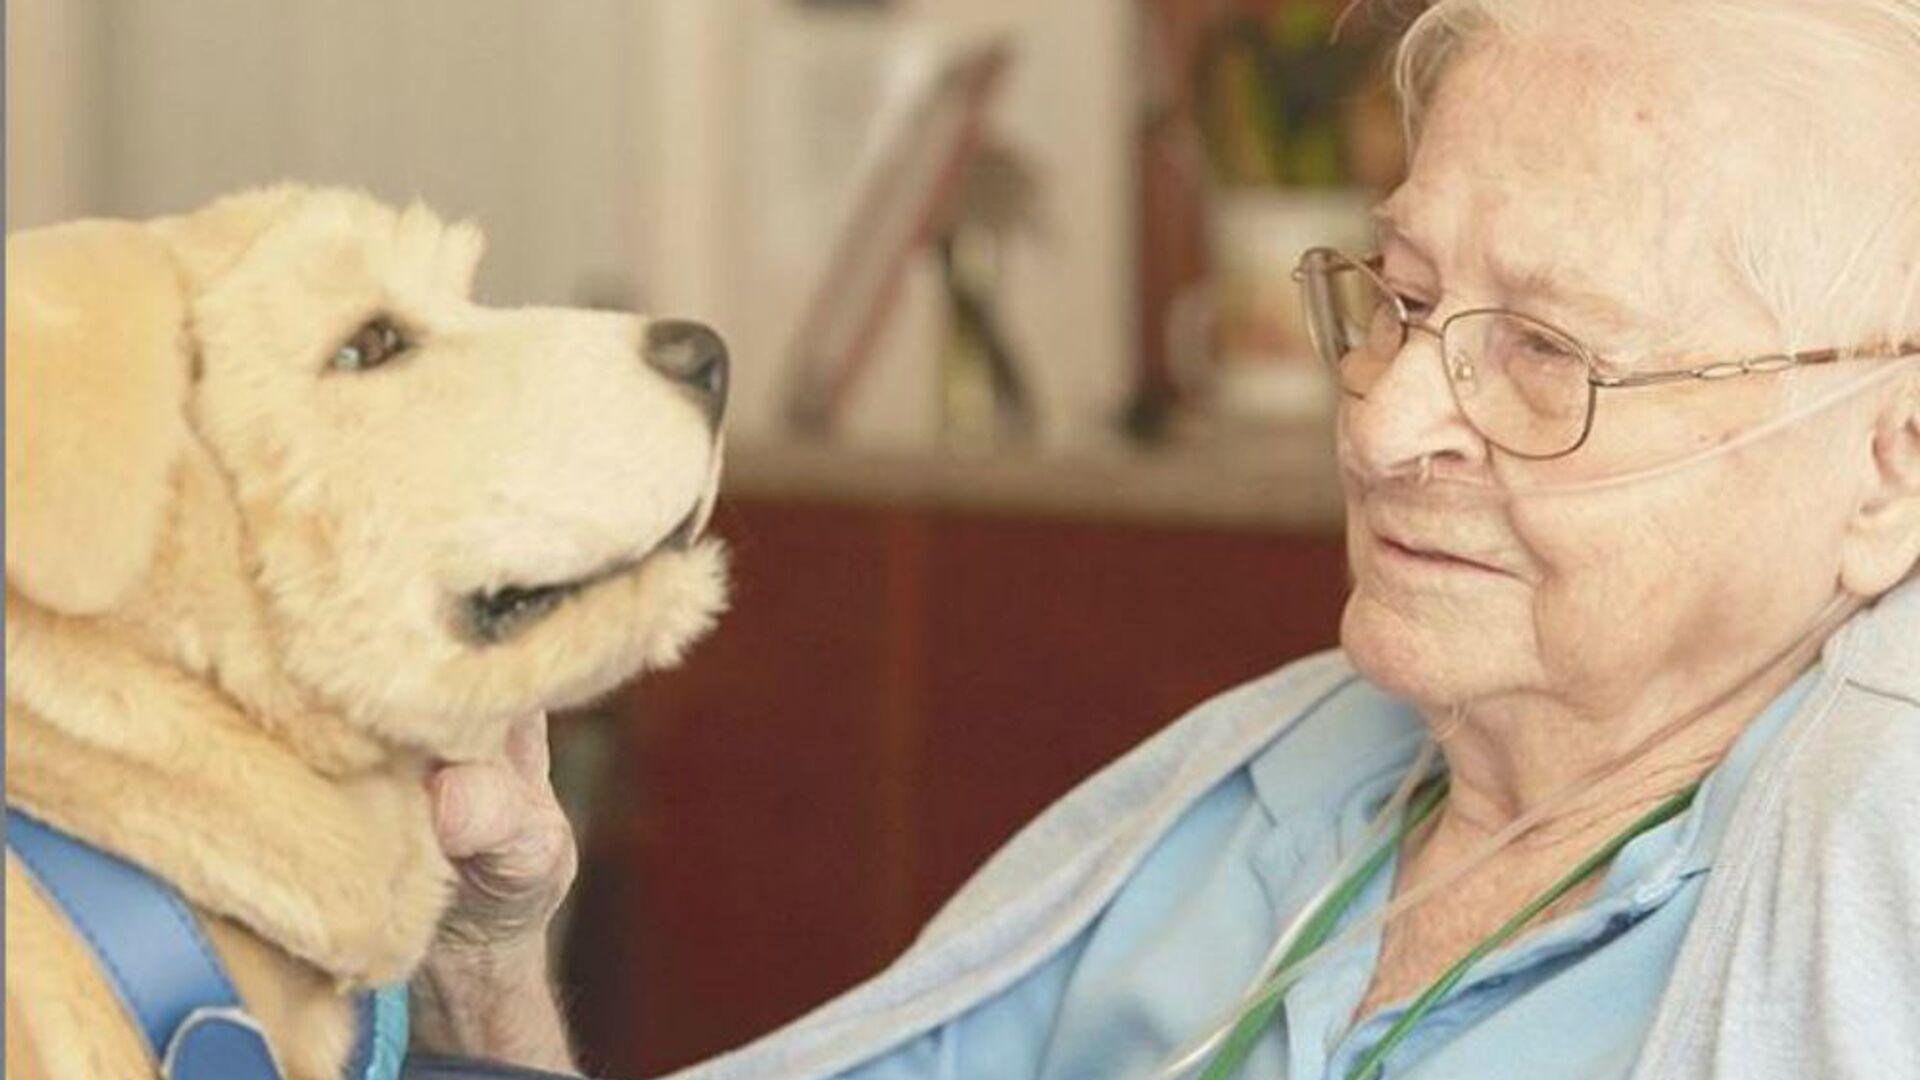 Σκυλάκι ρομπότ κρατάει παρέα σε ασθενείς με άνοια - Sputnik Ελλάδα, 1920, 09.10.2021